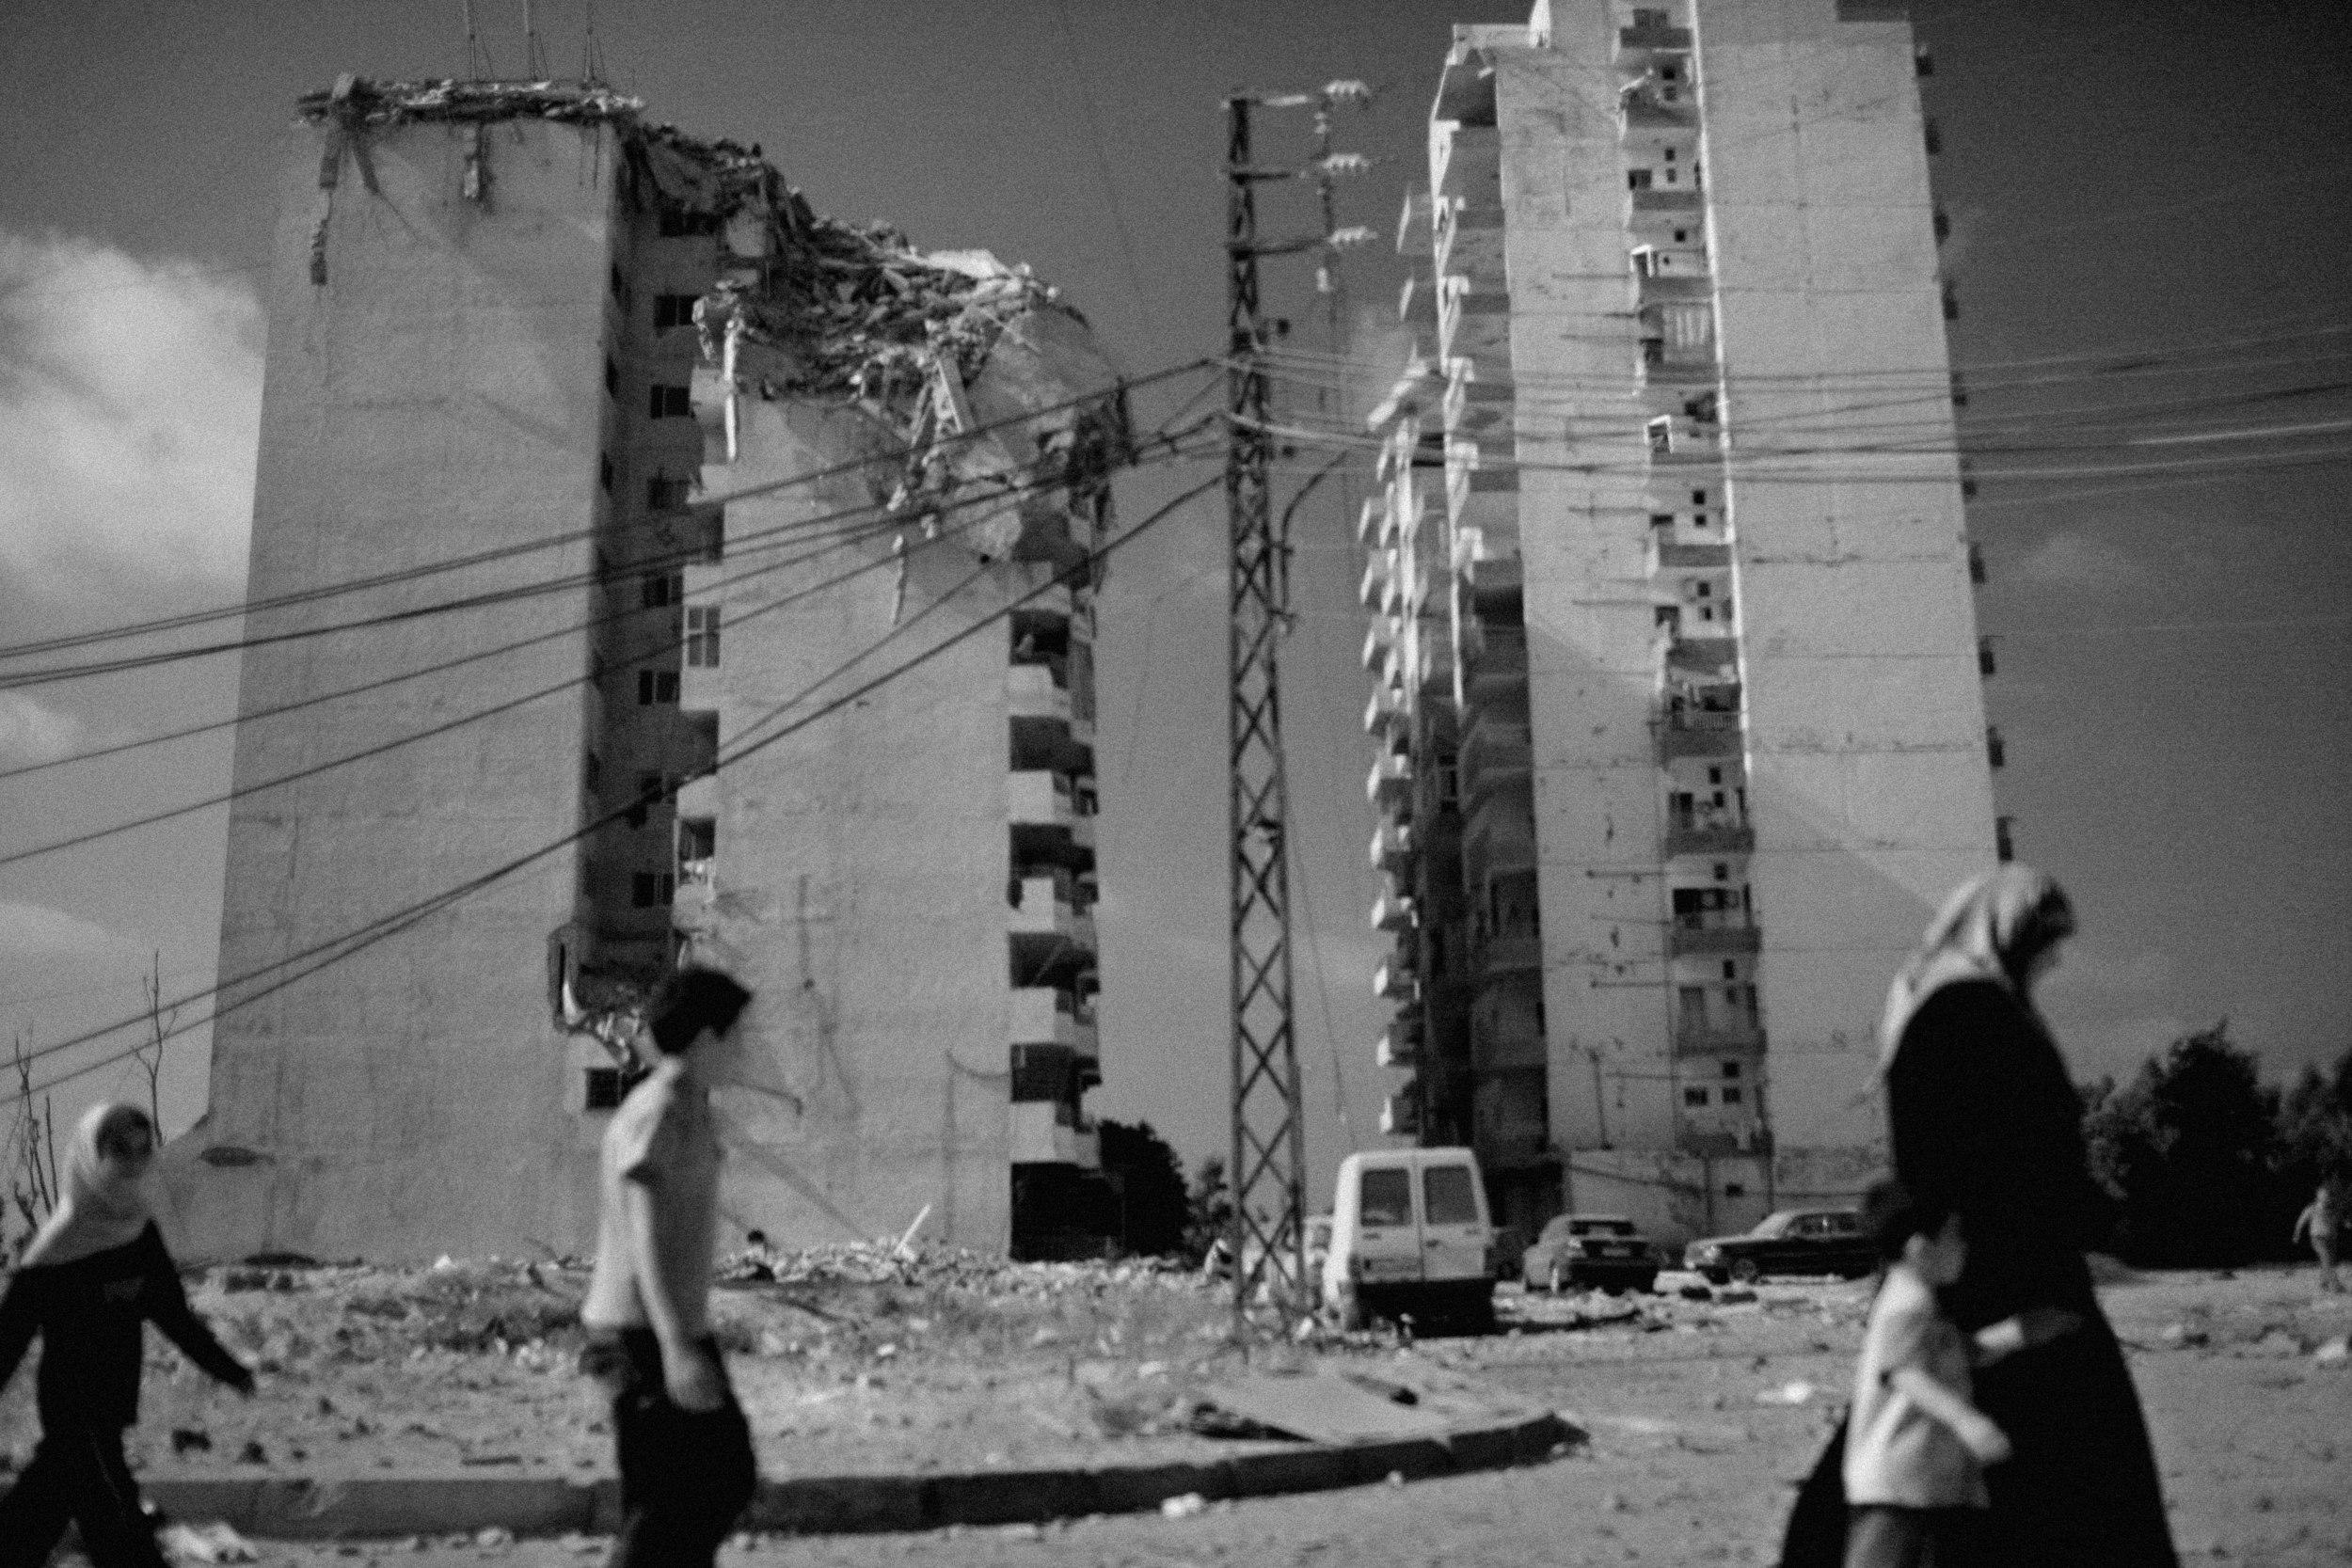 Lebanon_2006_war_022.jpg